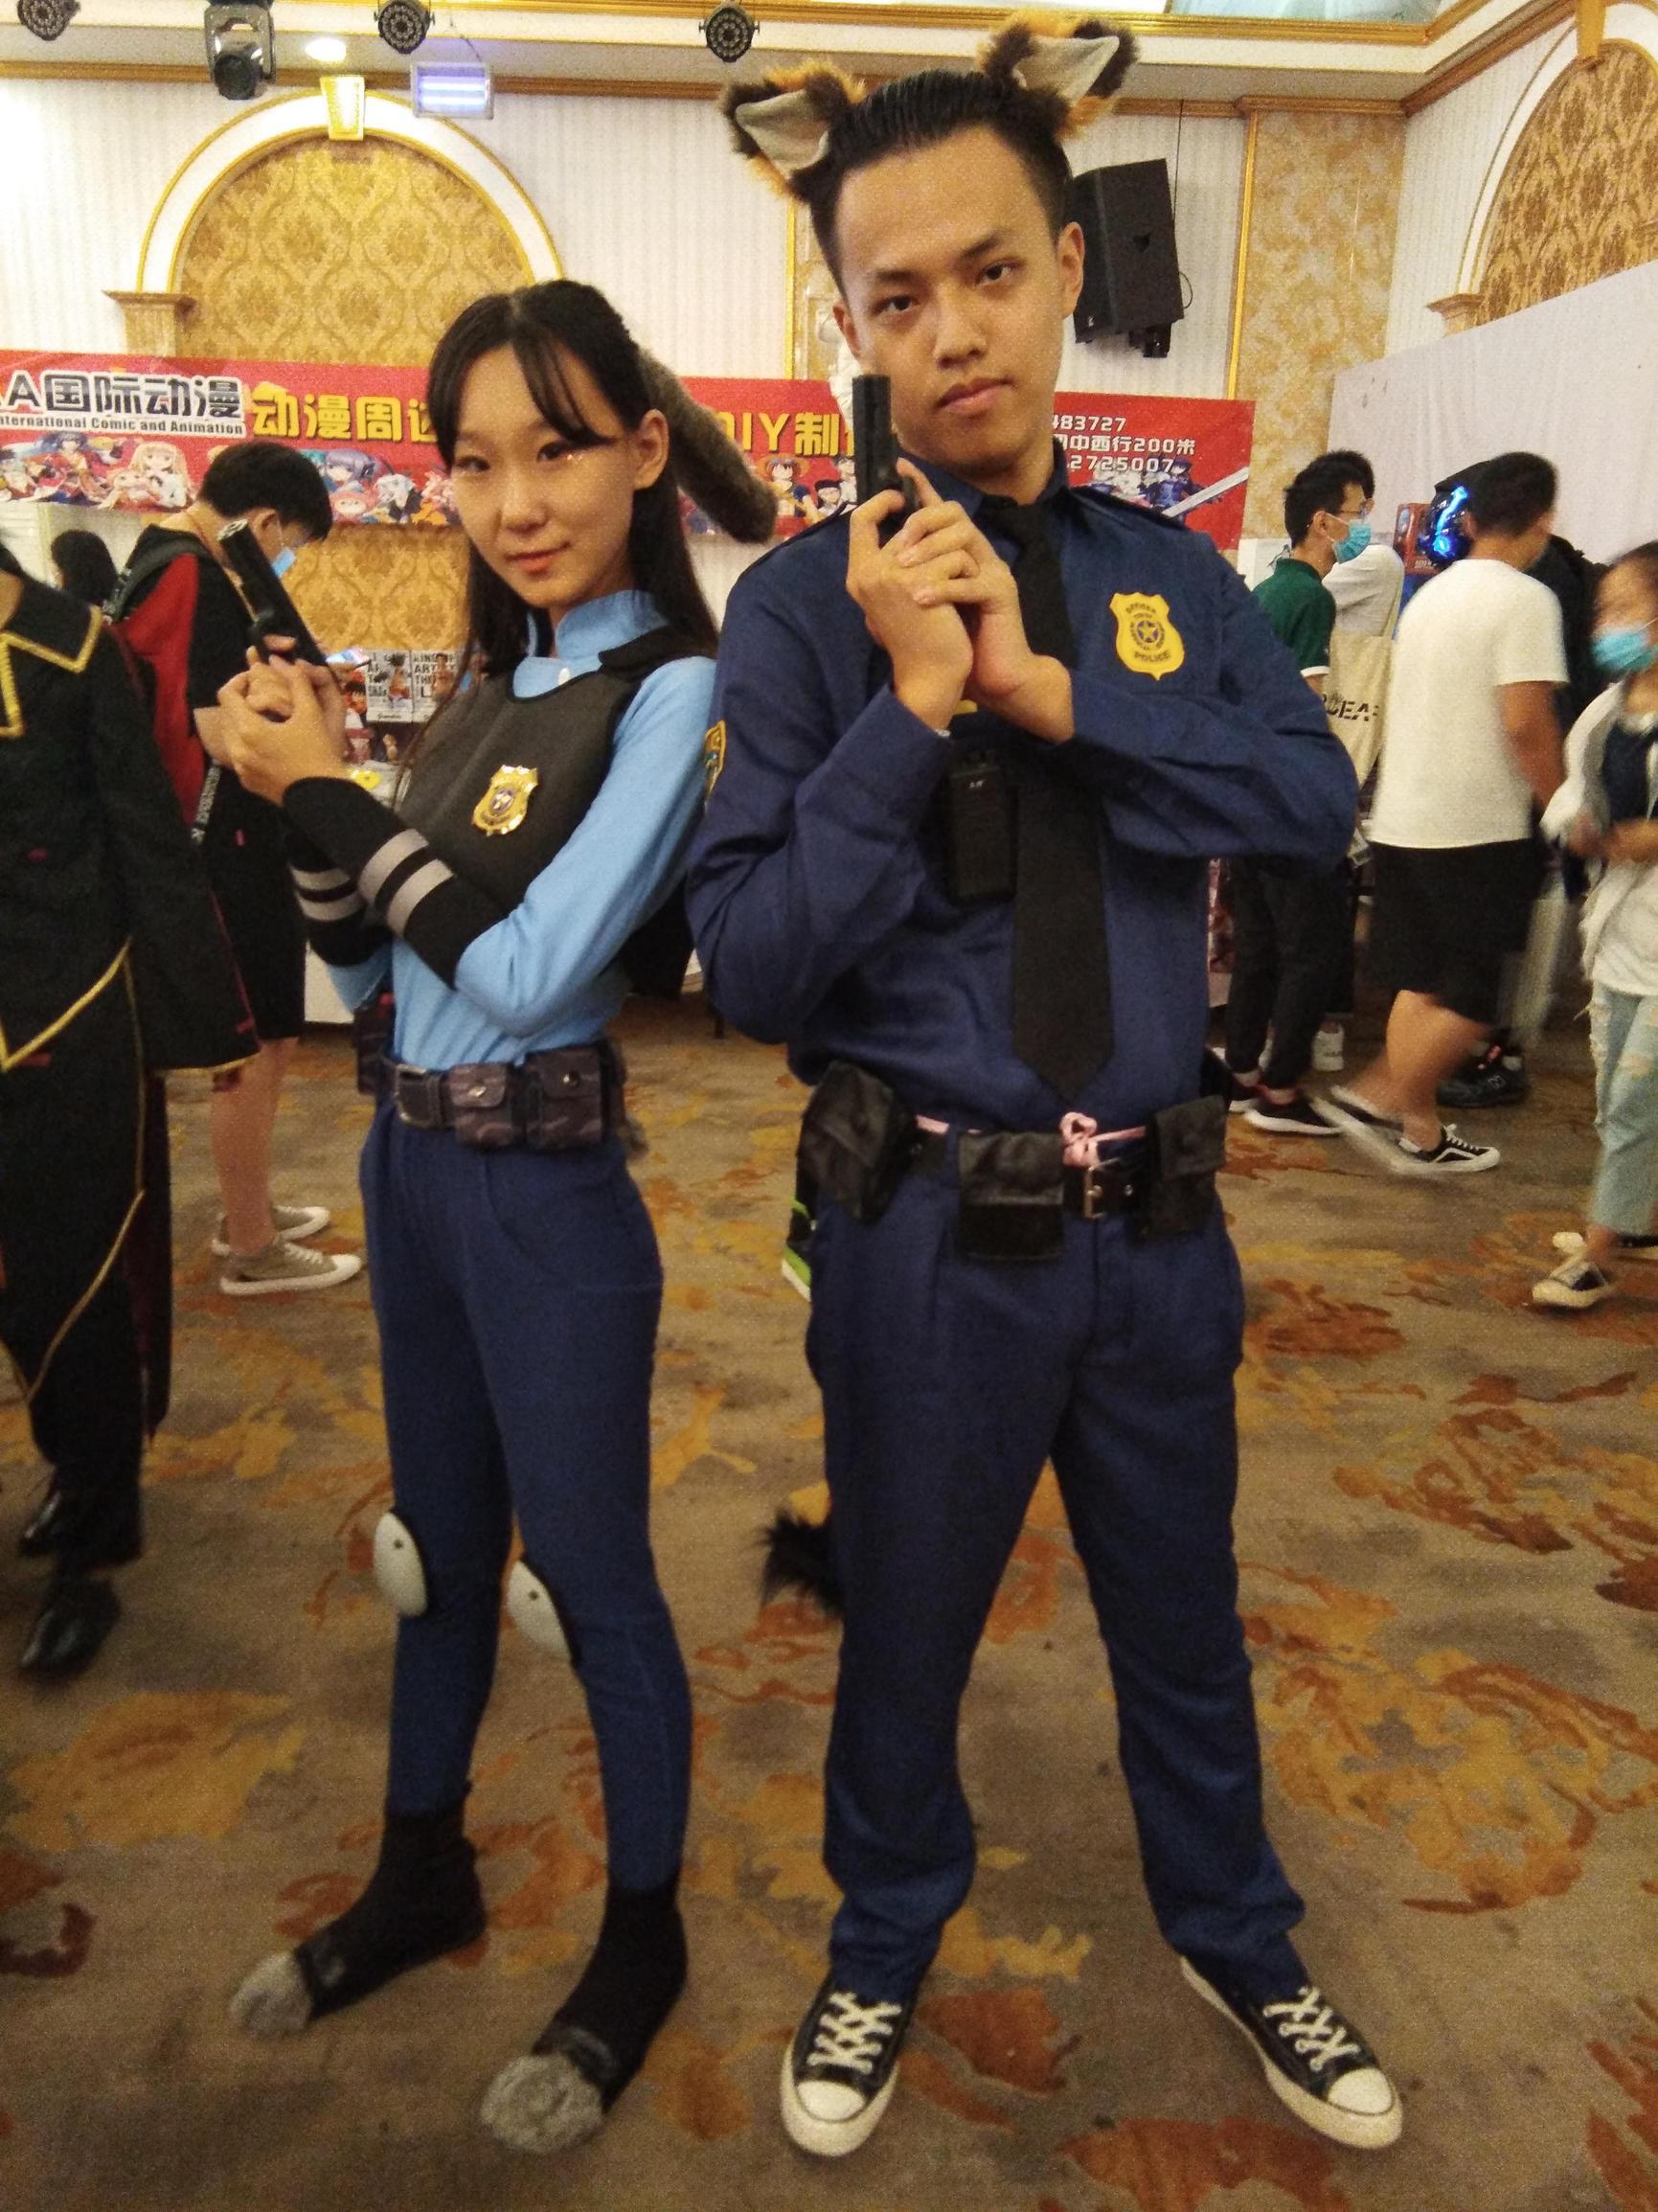 《凹凸世界》王者荣耀cosplay【CN:是慕容雅儿呀】 -熊爷cosplay图片插图